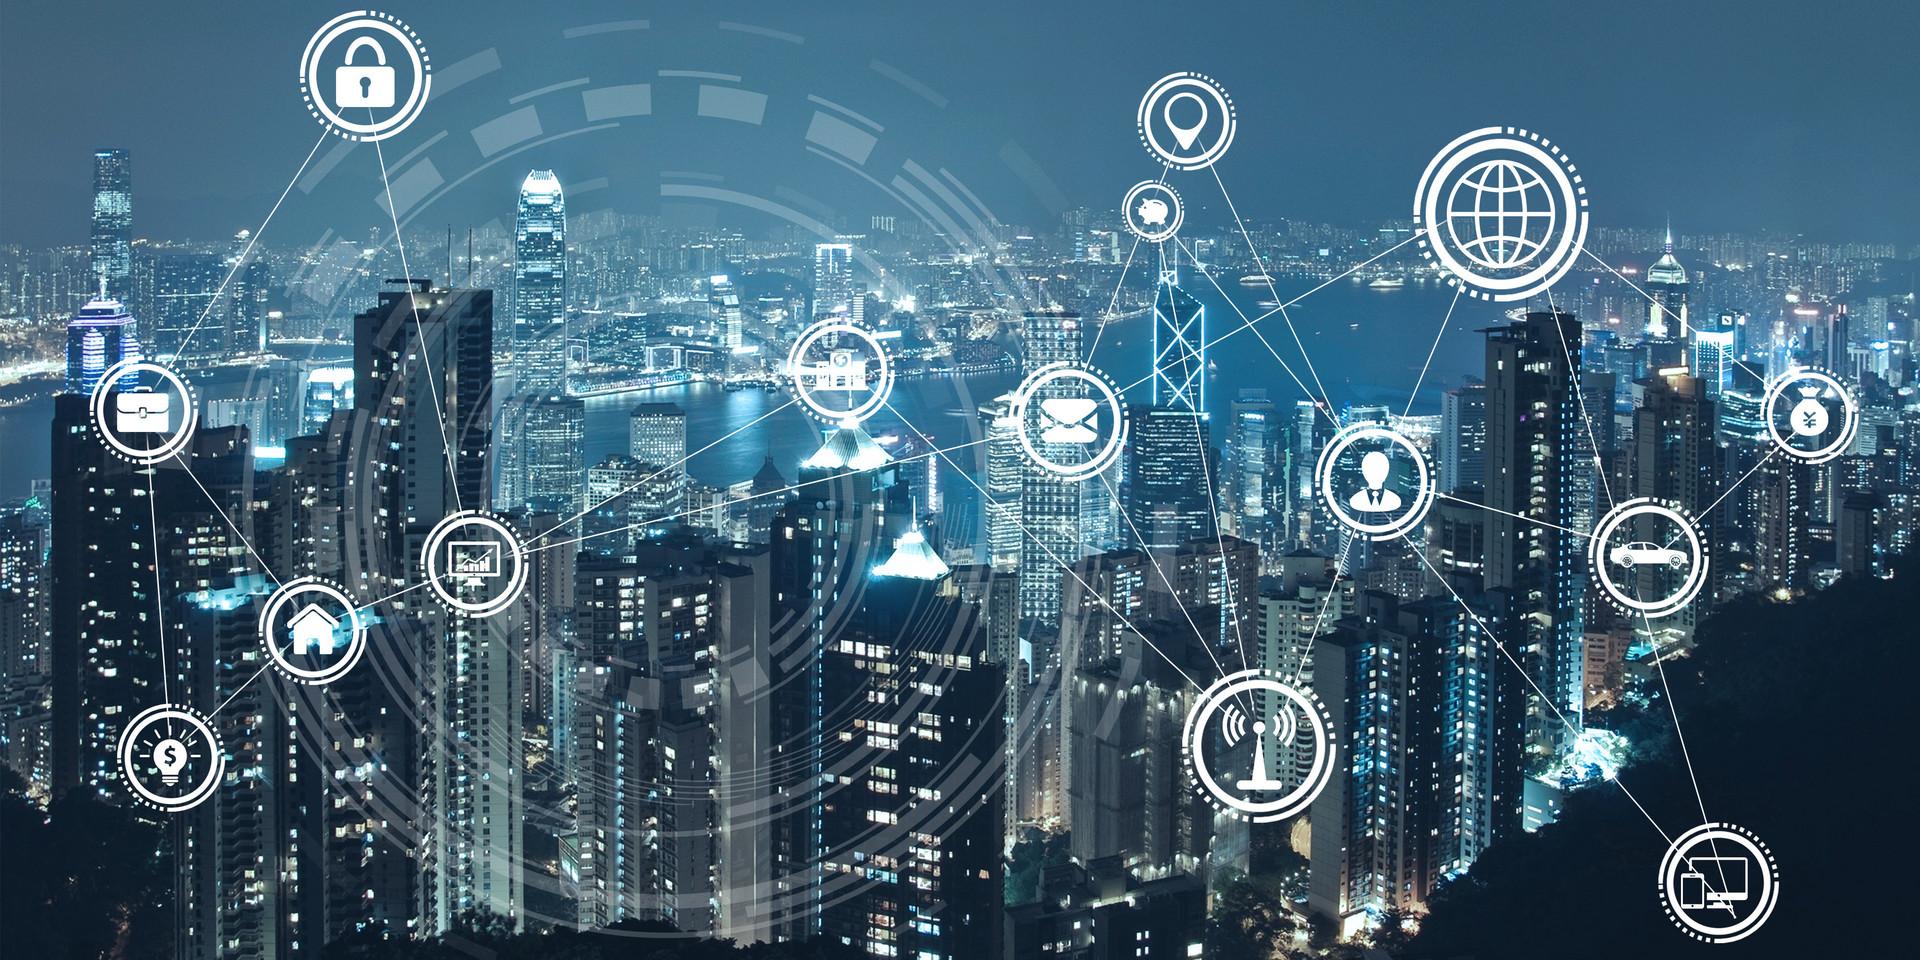 城市大数据(企业商用)